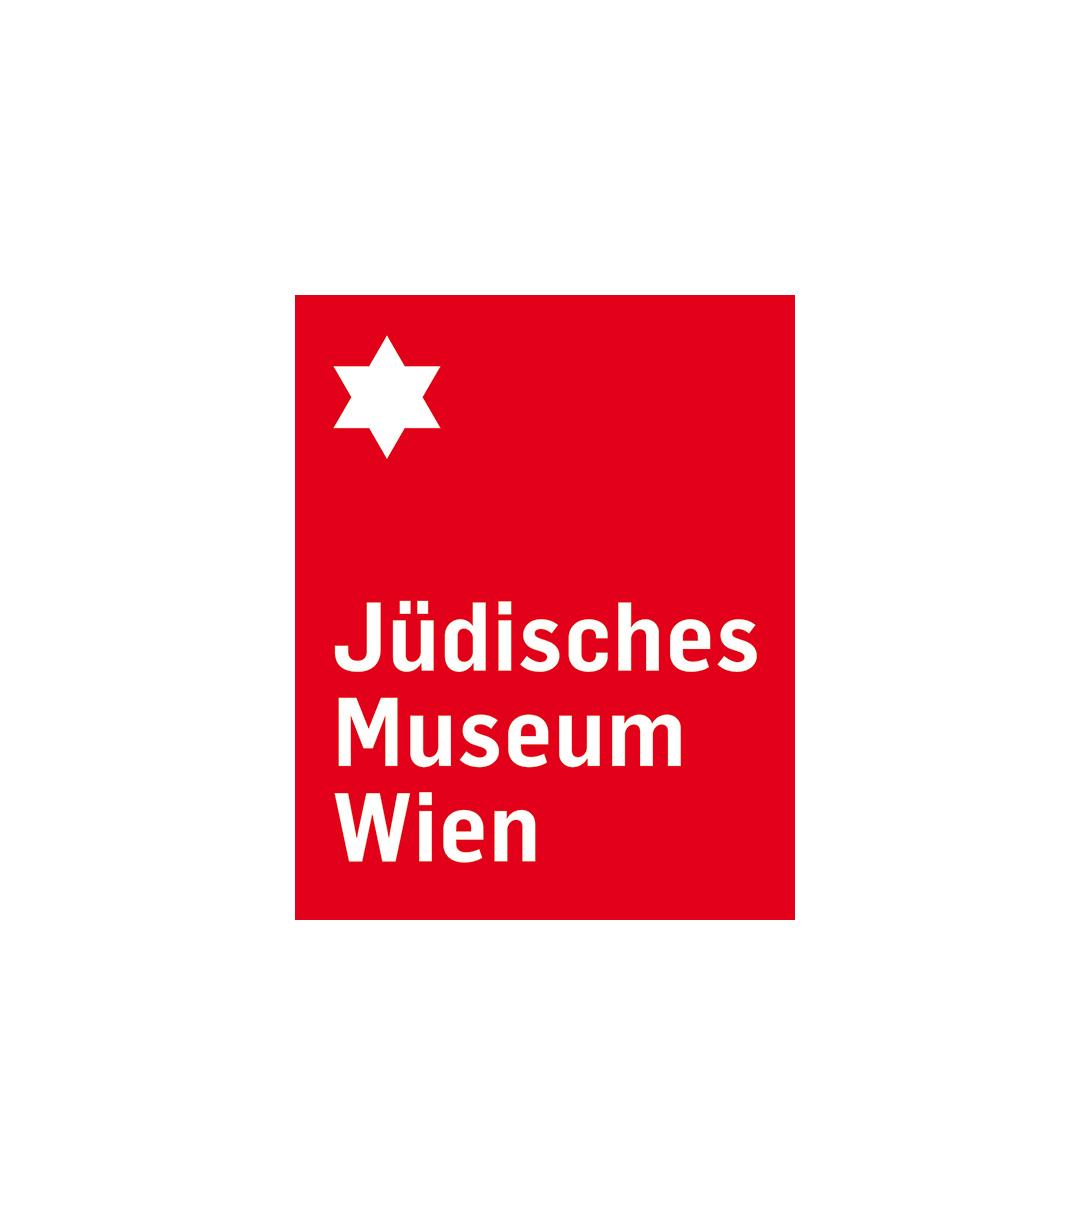 Logo Jüdisches Museum